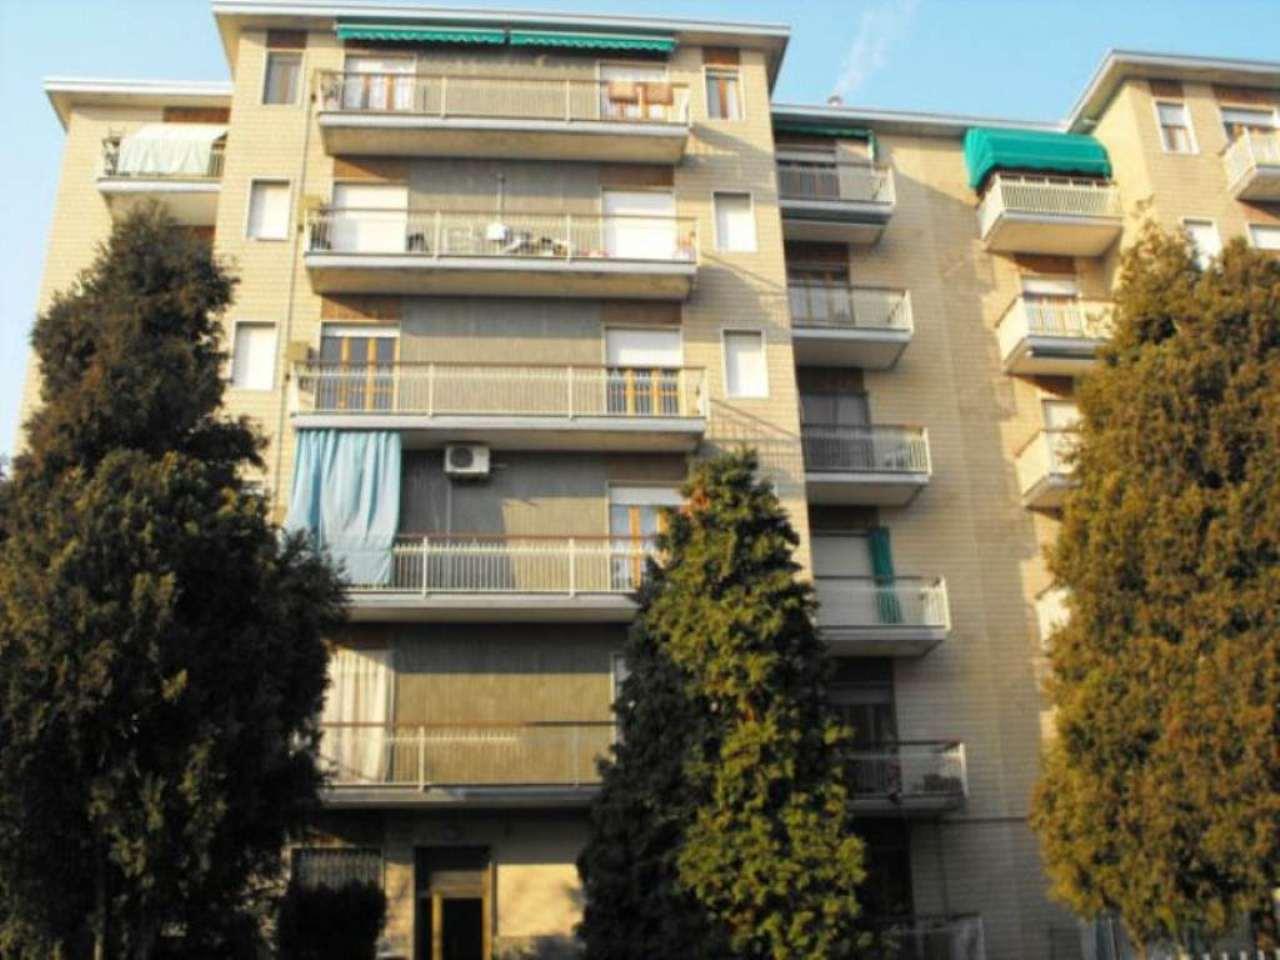 Bilocale Moncalieri Via Rigolfo 1